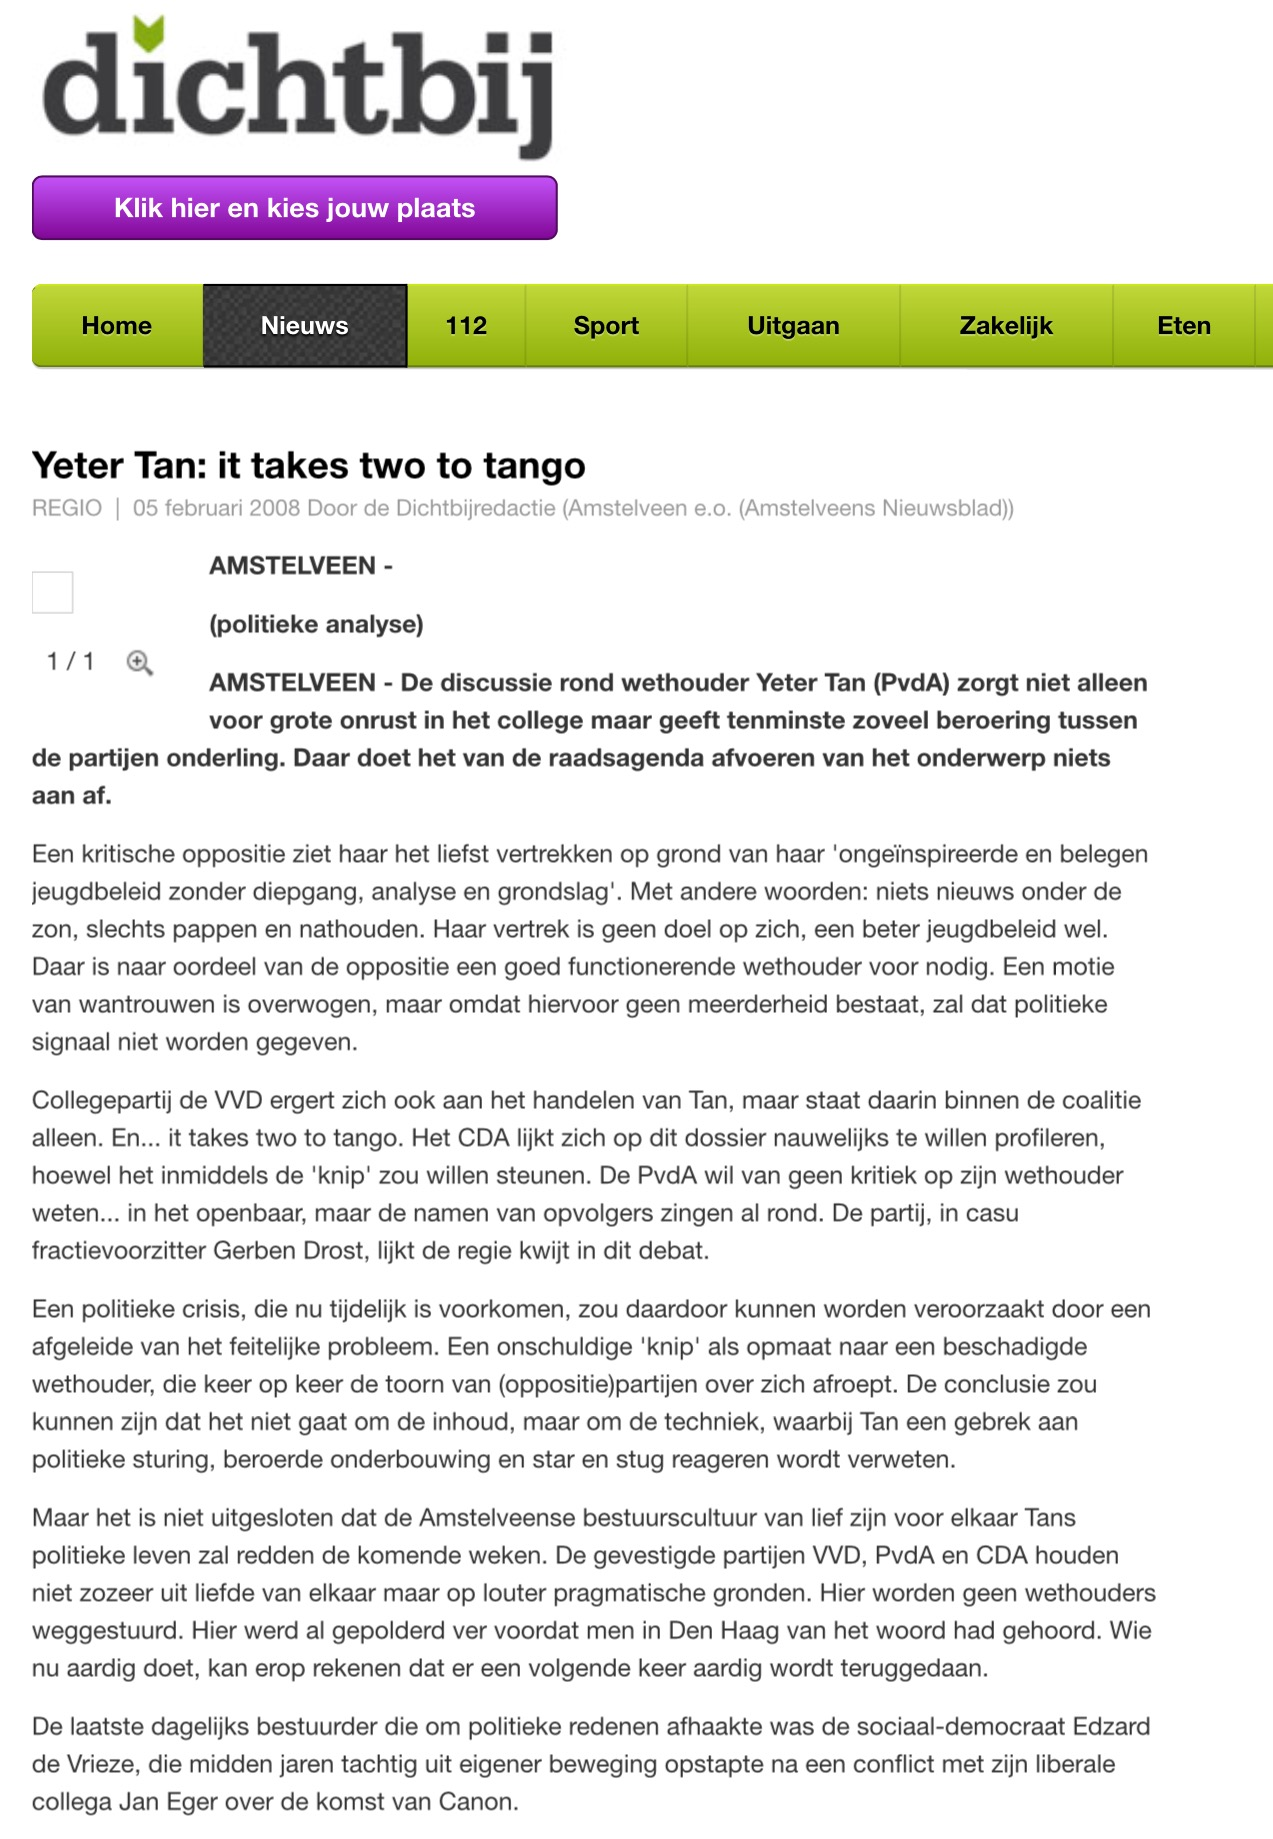 2008 AmstelveenDichtbij analyse over positie Yeter Tan